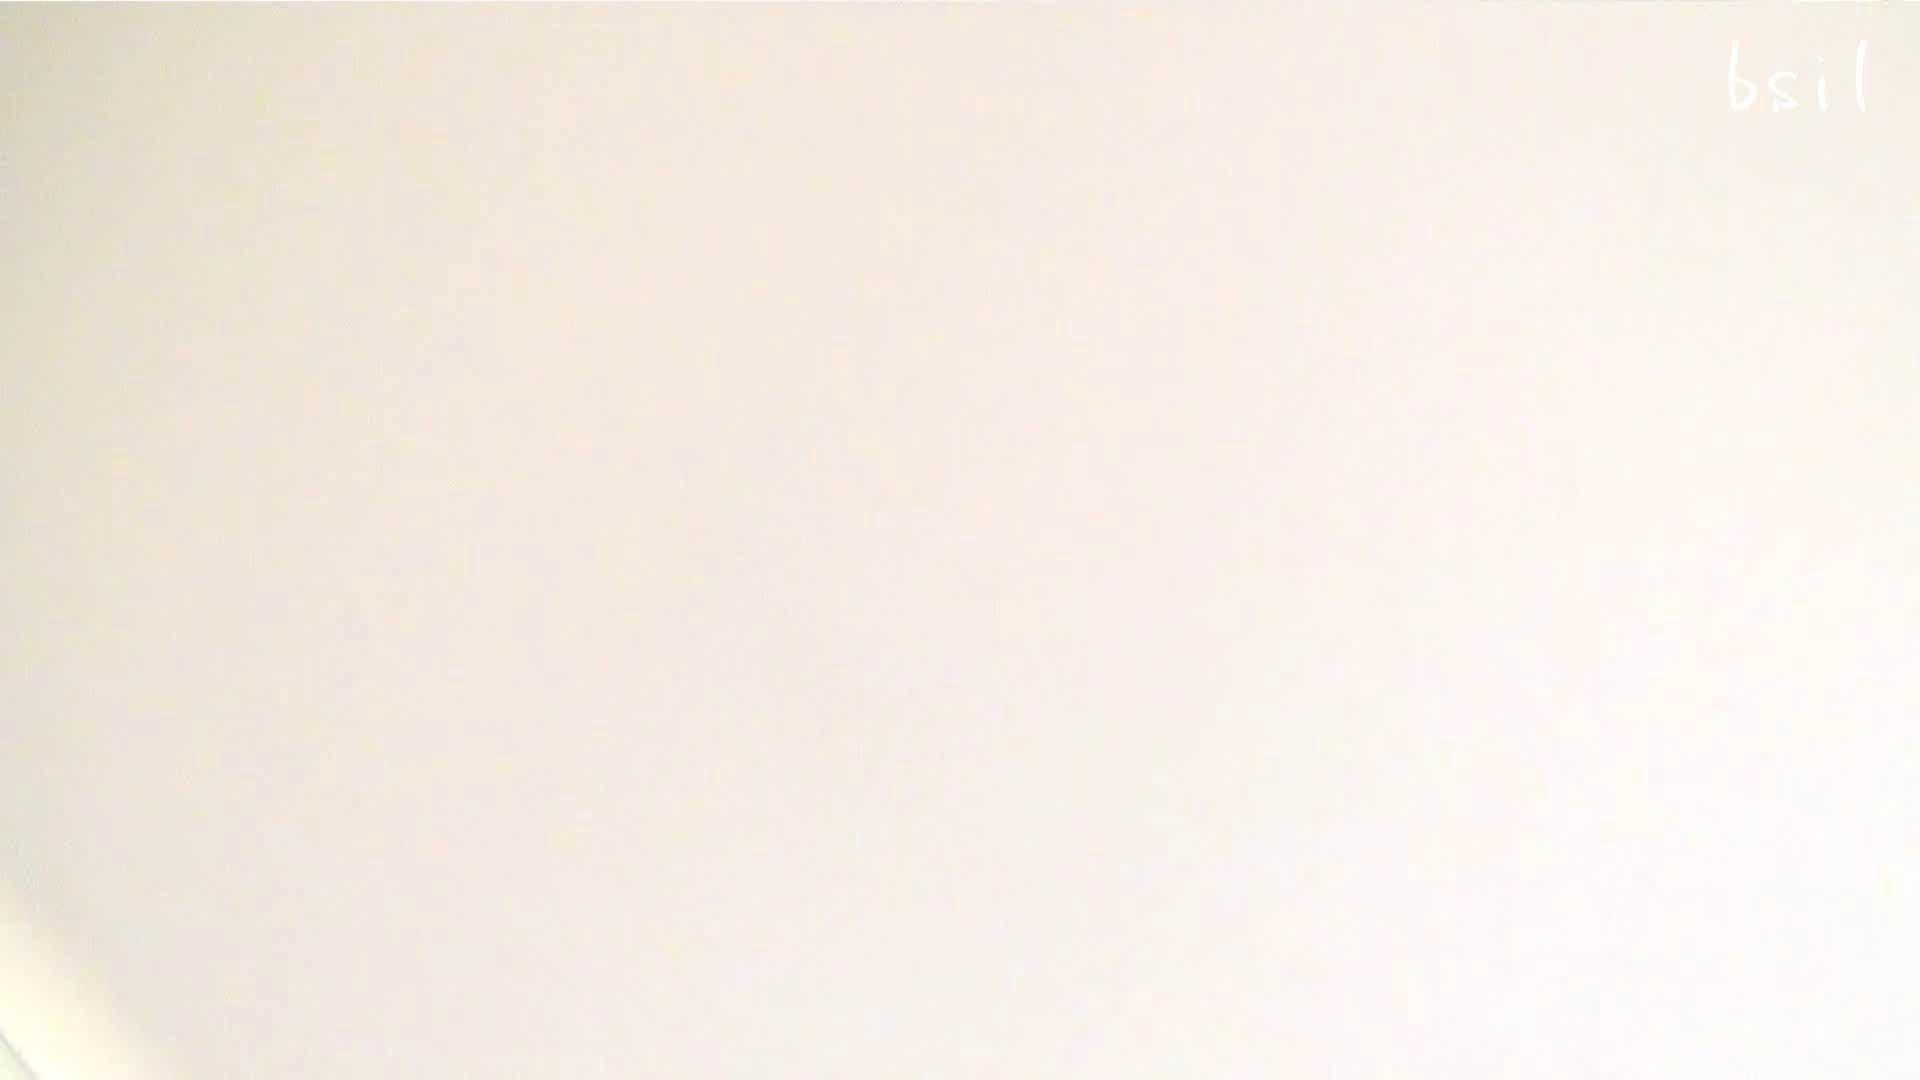 至高下半身盗撮-PREMIUM-【院内病棟編 】 vol.01 盗撮  73枚 37